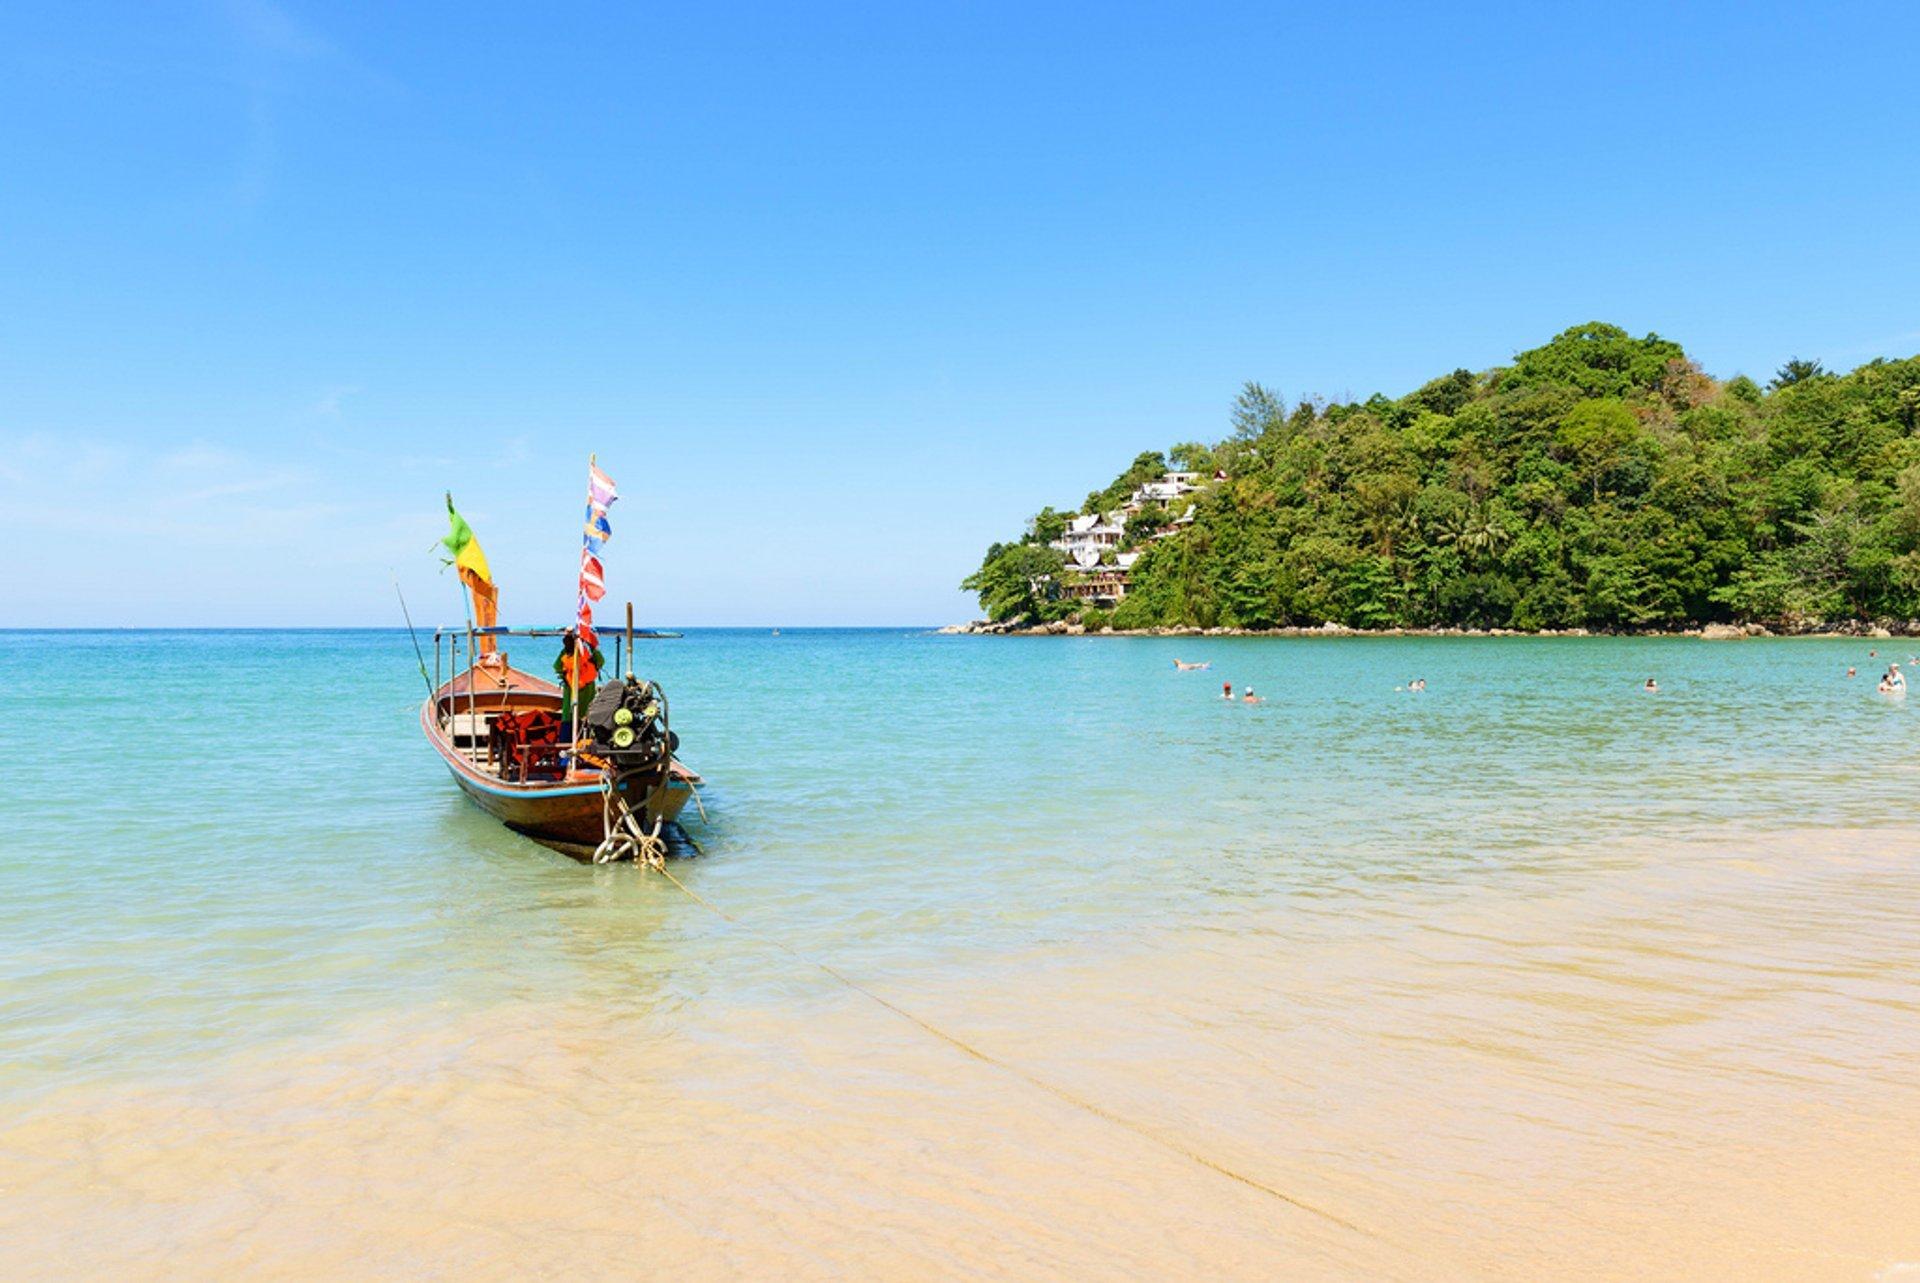 Kamala beach, Phuket, Thailand 2019